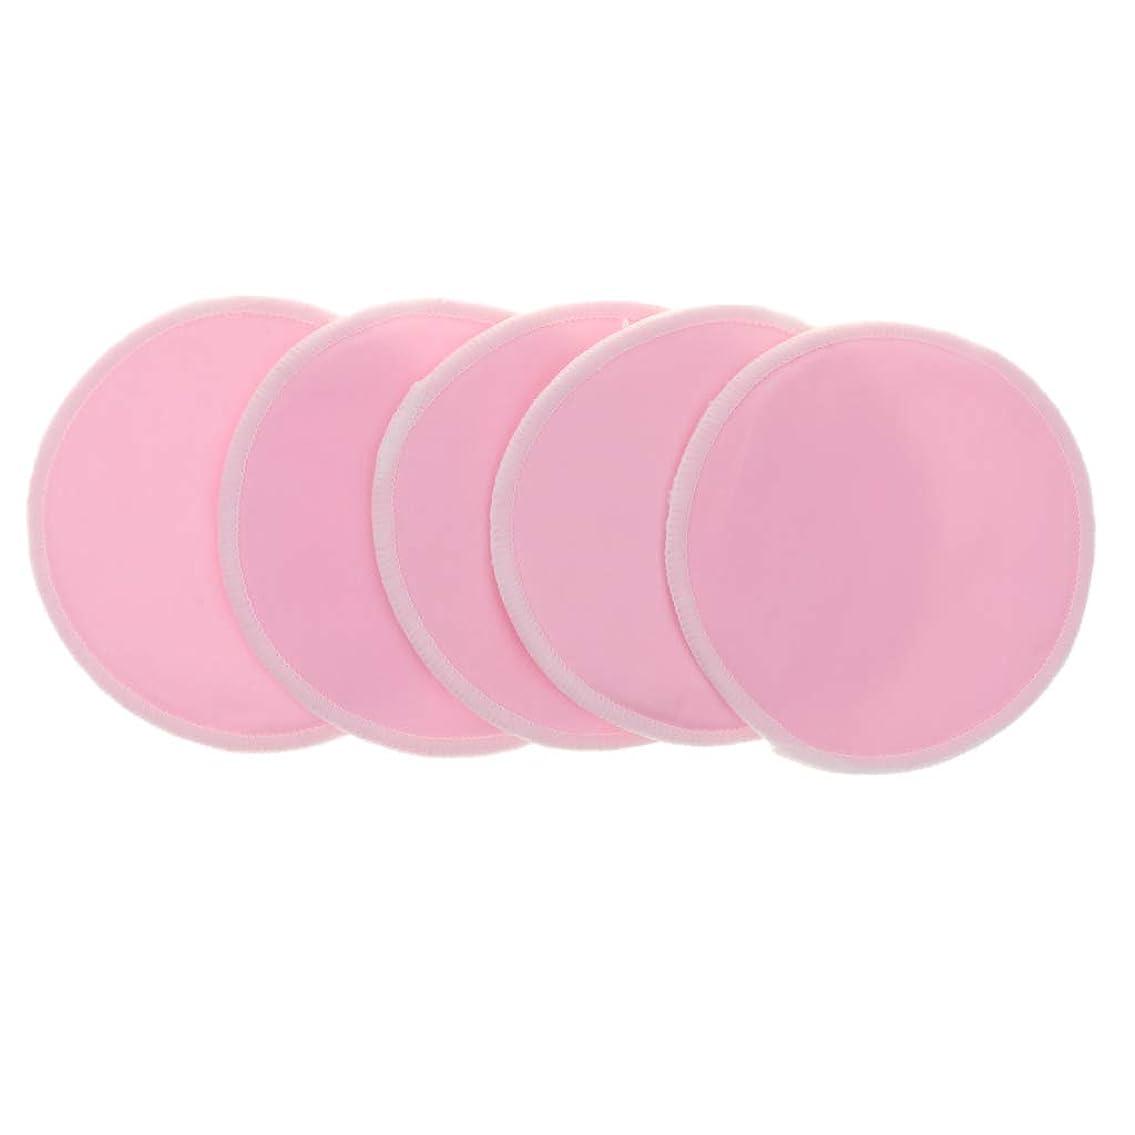 こんにちは特異なキャンバスD DOLITY 胸パッド クレンジングシート メイクアップ 竹繊維 円形 12cm 洗濯可能 再使用可 5個 全5色 - ピンク